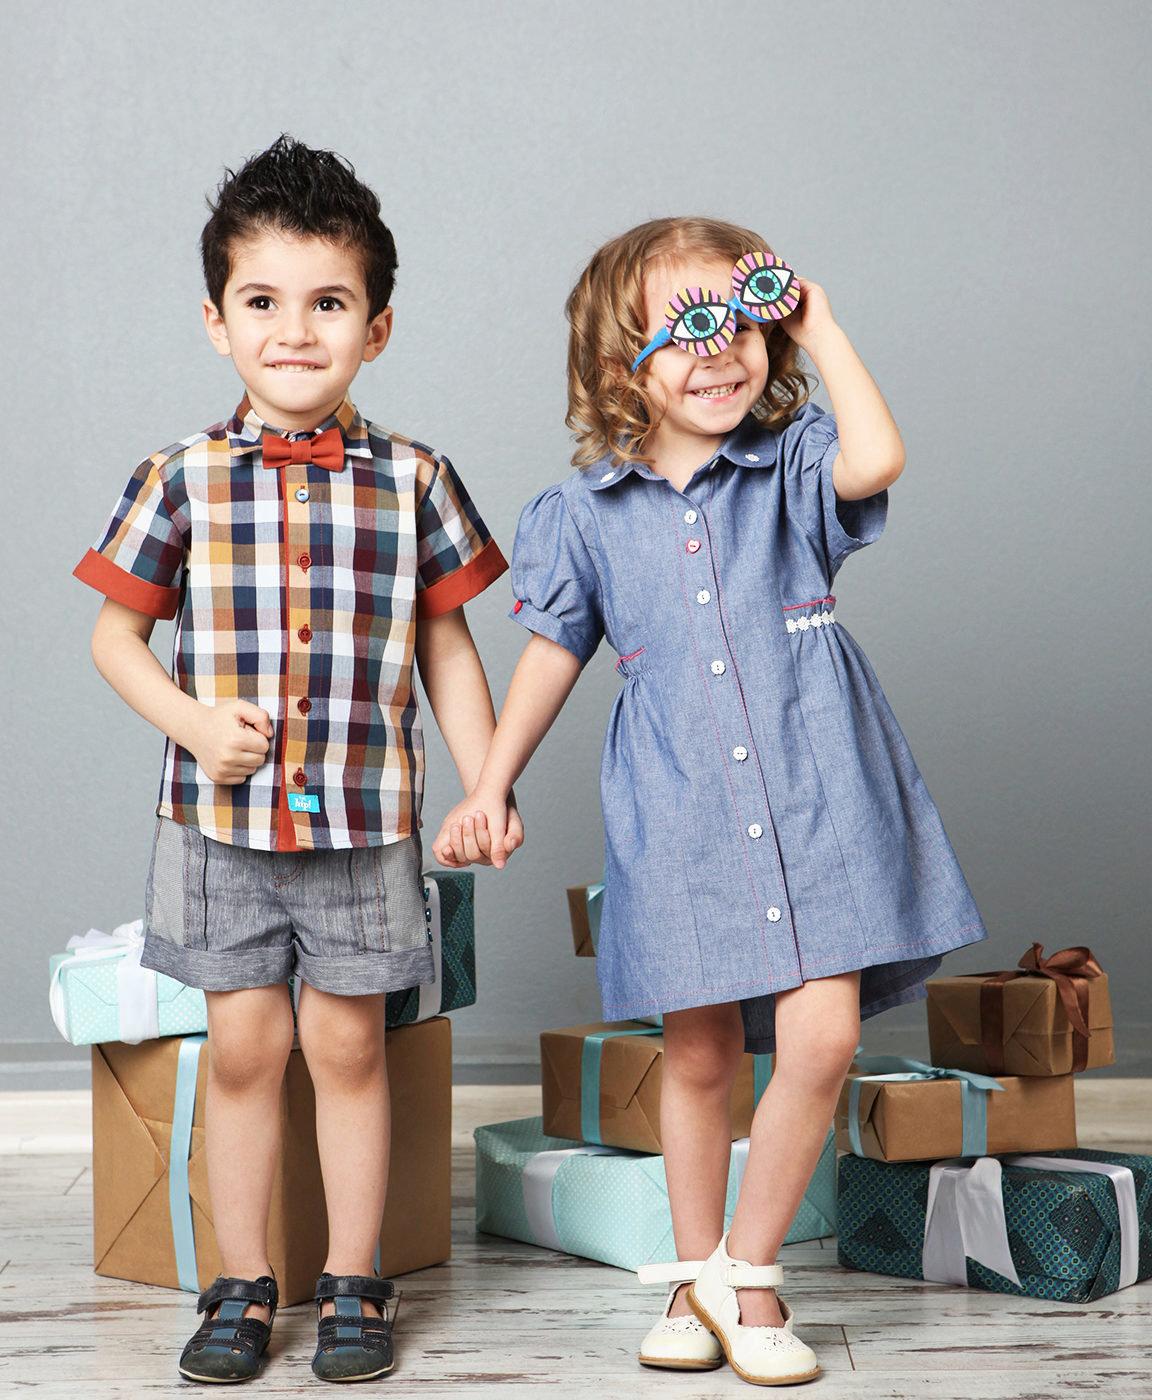 Картинка ребенка с одежды